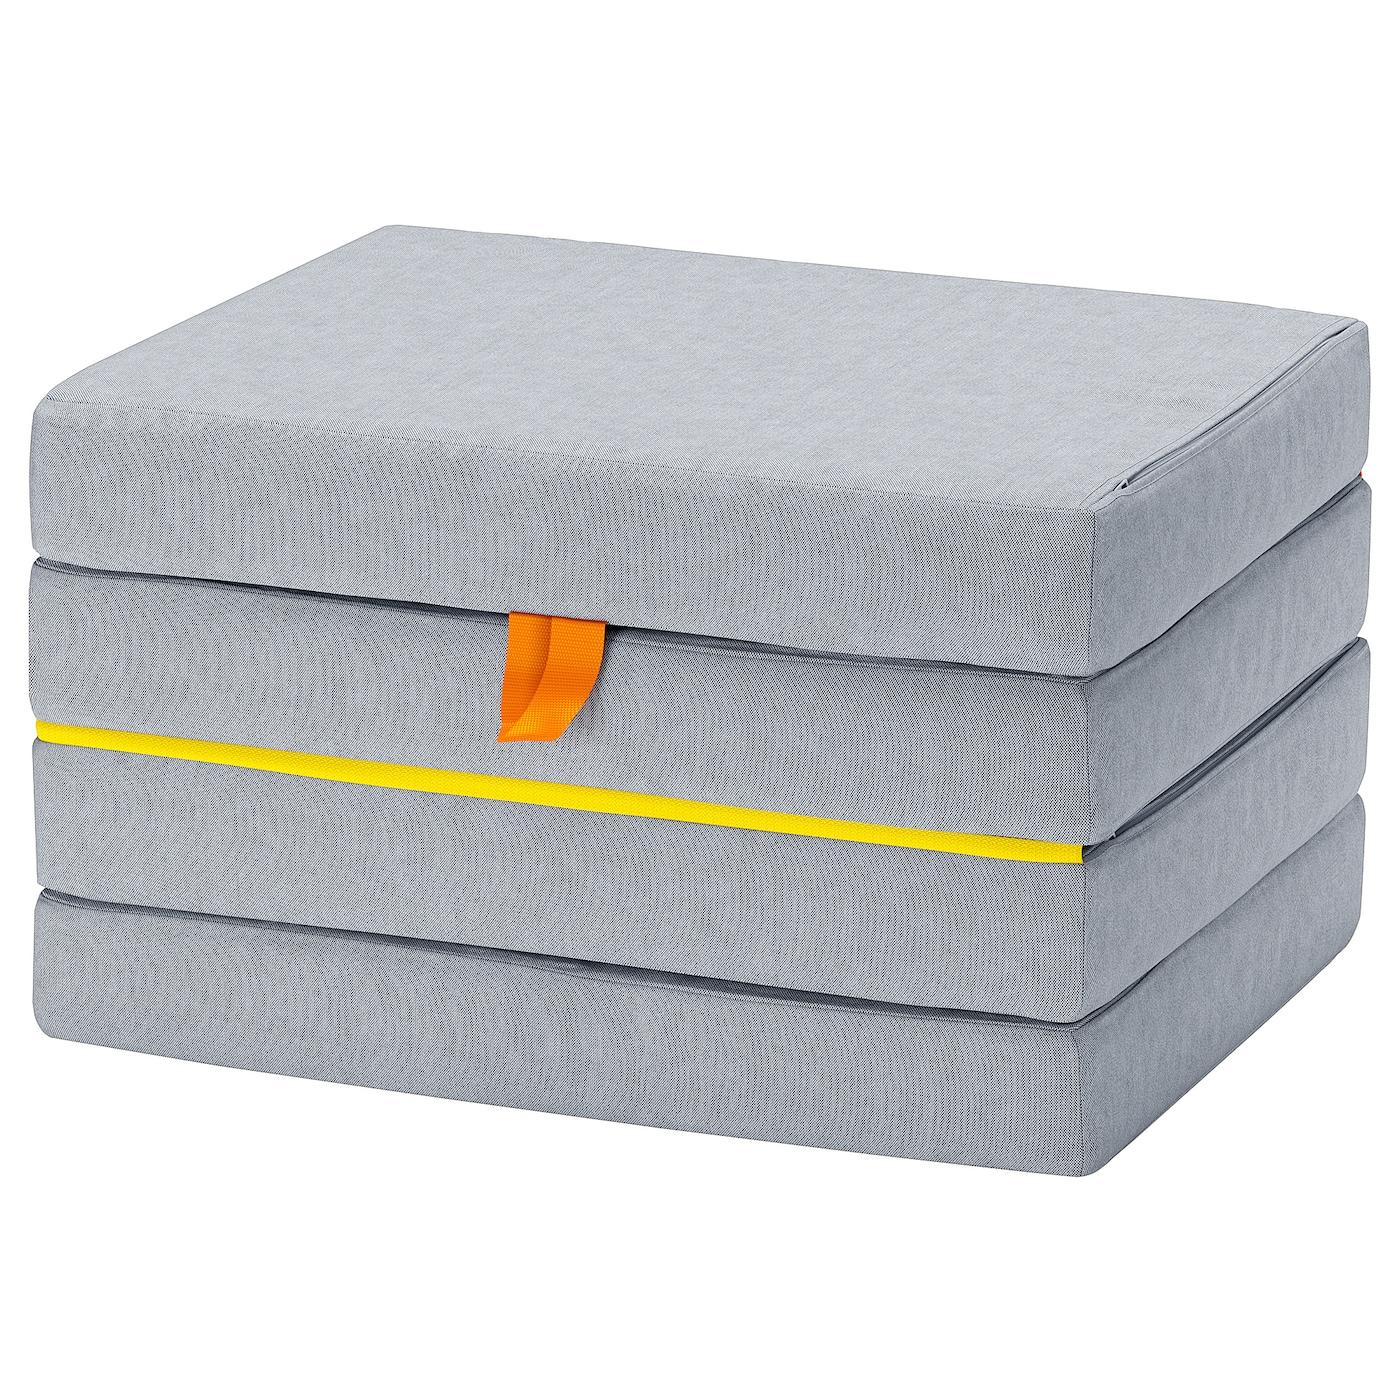 Full Size of Ikea Liege Horaire Liegenauflage Liegestuhl Hognoul Ouverture Dimanche Liegen Holz Grau Lieferung Wohnzimmer Küche Kaufen Kosten Betten 160x200 Relaxliege Wohnzimmer Ikea Liege